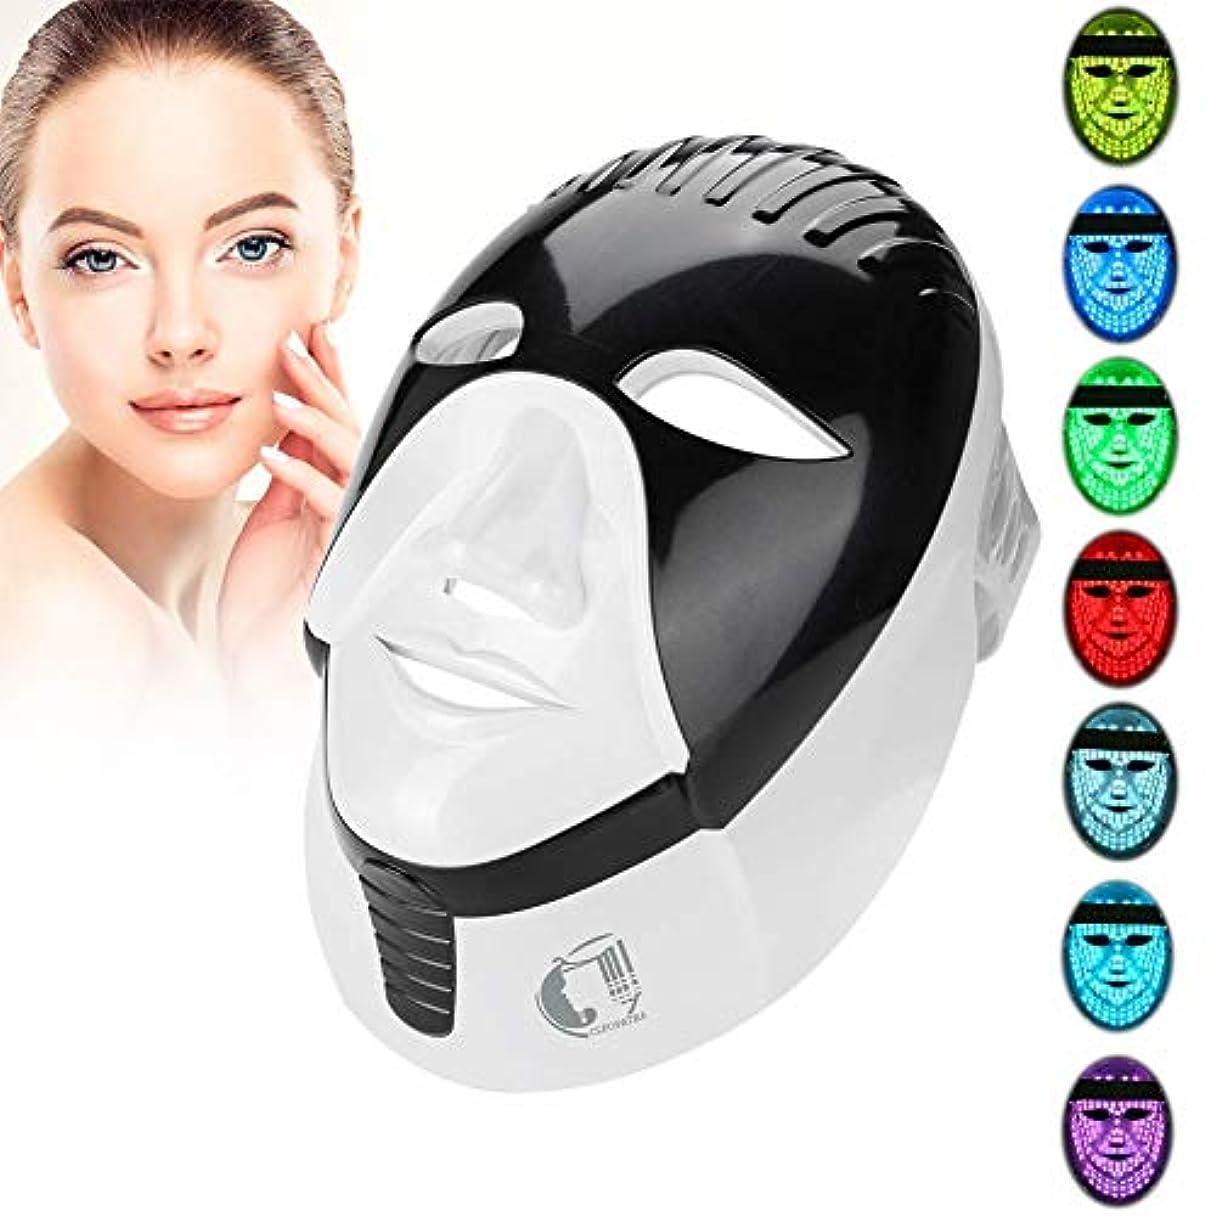 骨氷糸フォトンセラピー7色マスク、毎日のスキンケアの若返りにきびとしわの除去のための美光療法フェイシャル